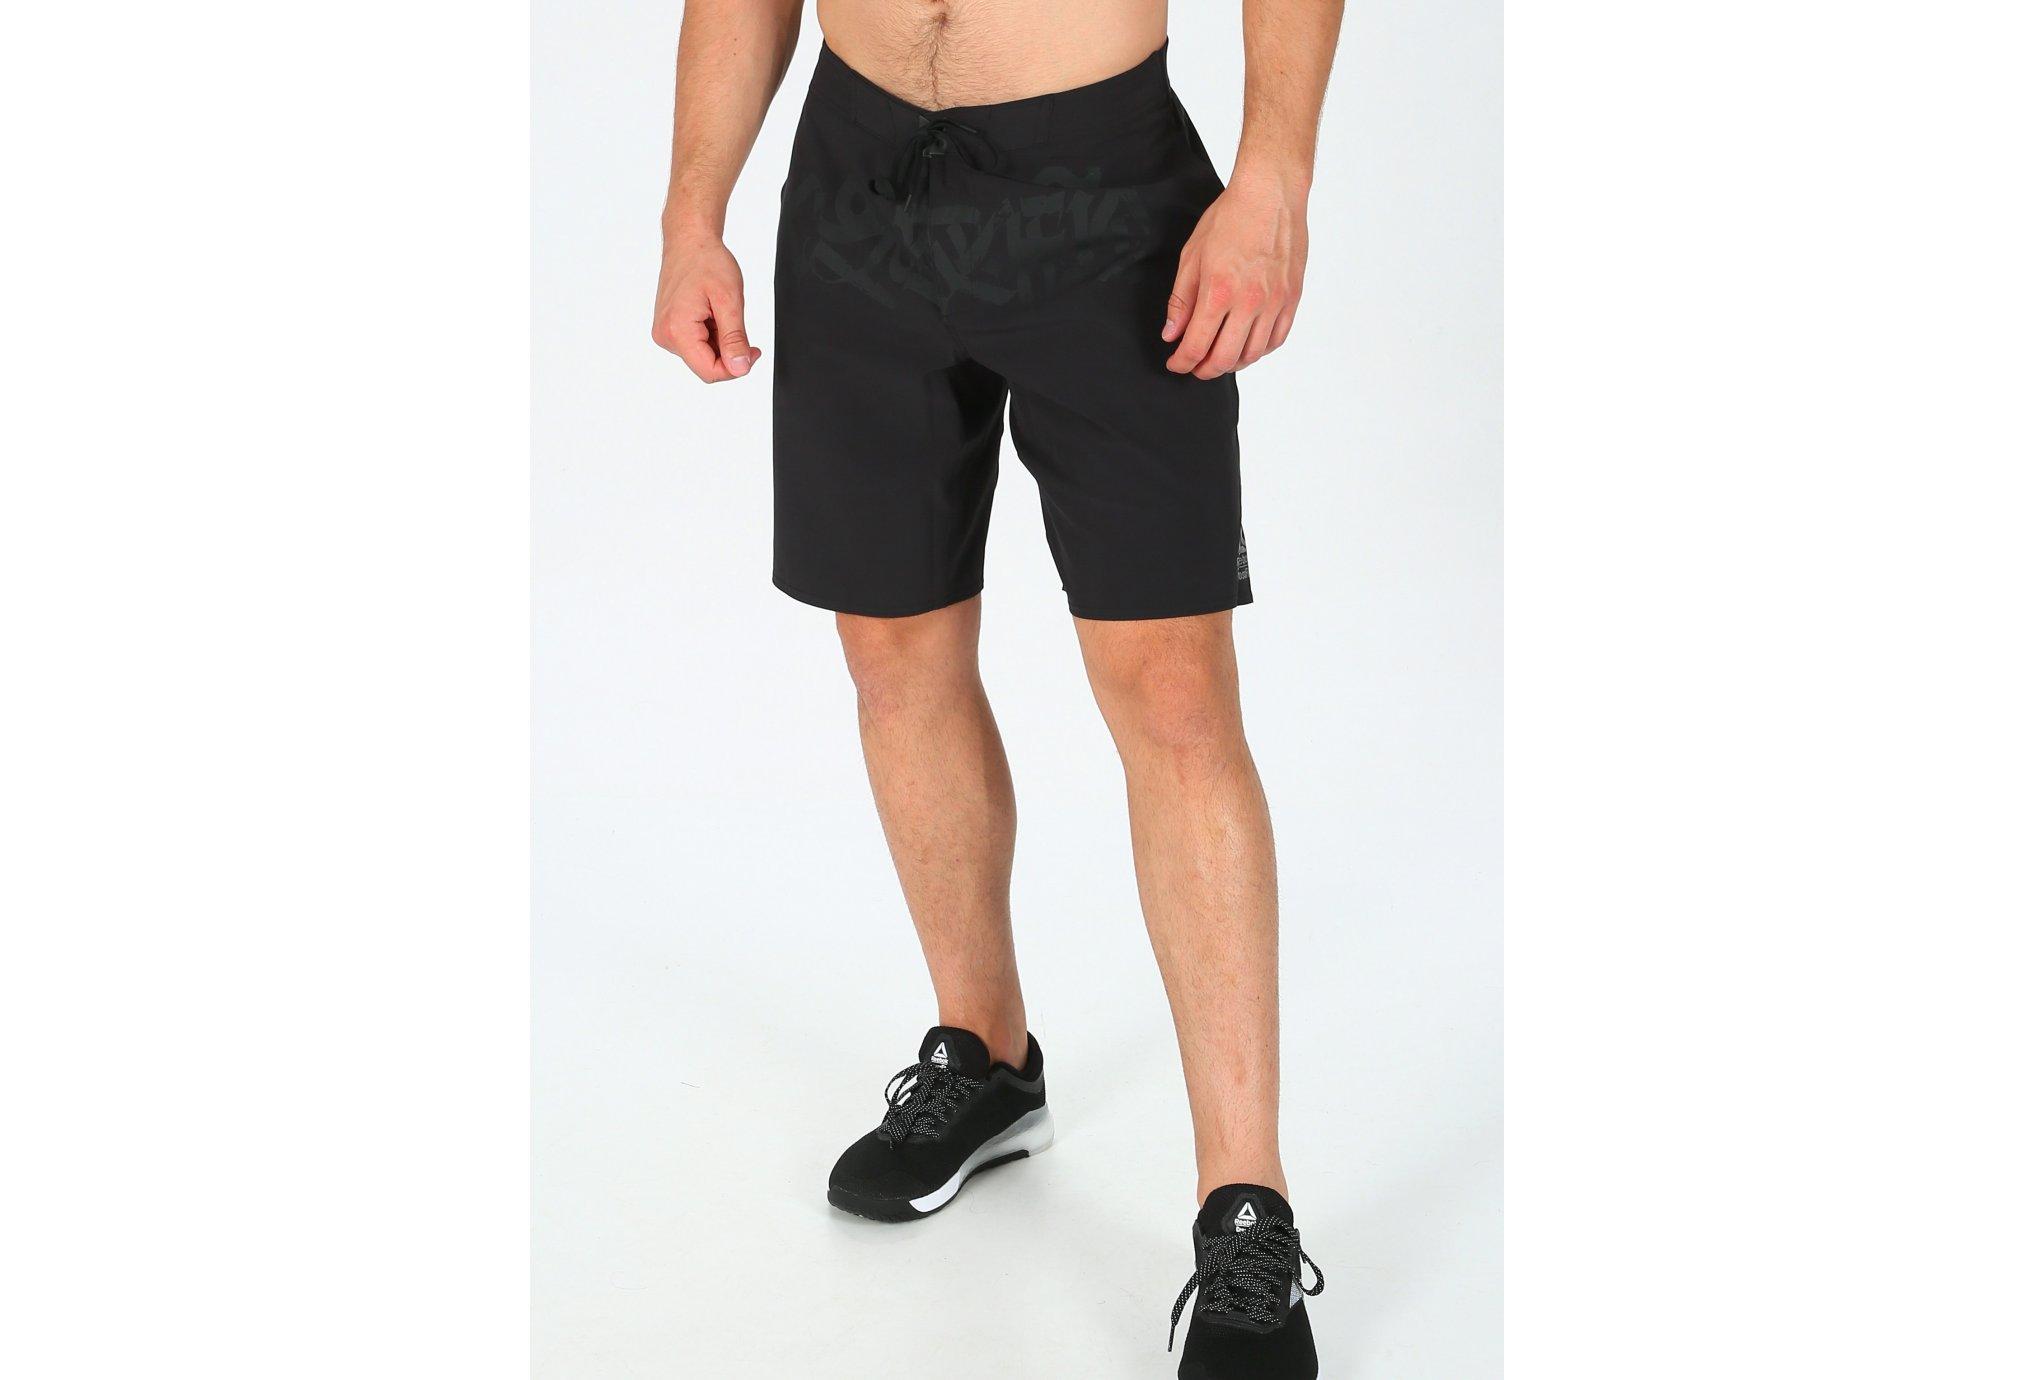 Reebok CrossFit Super Nasty Base M Diététique Vêtements homme